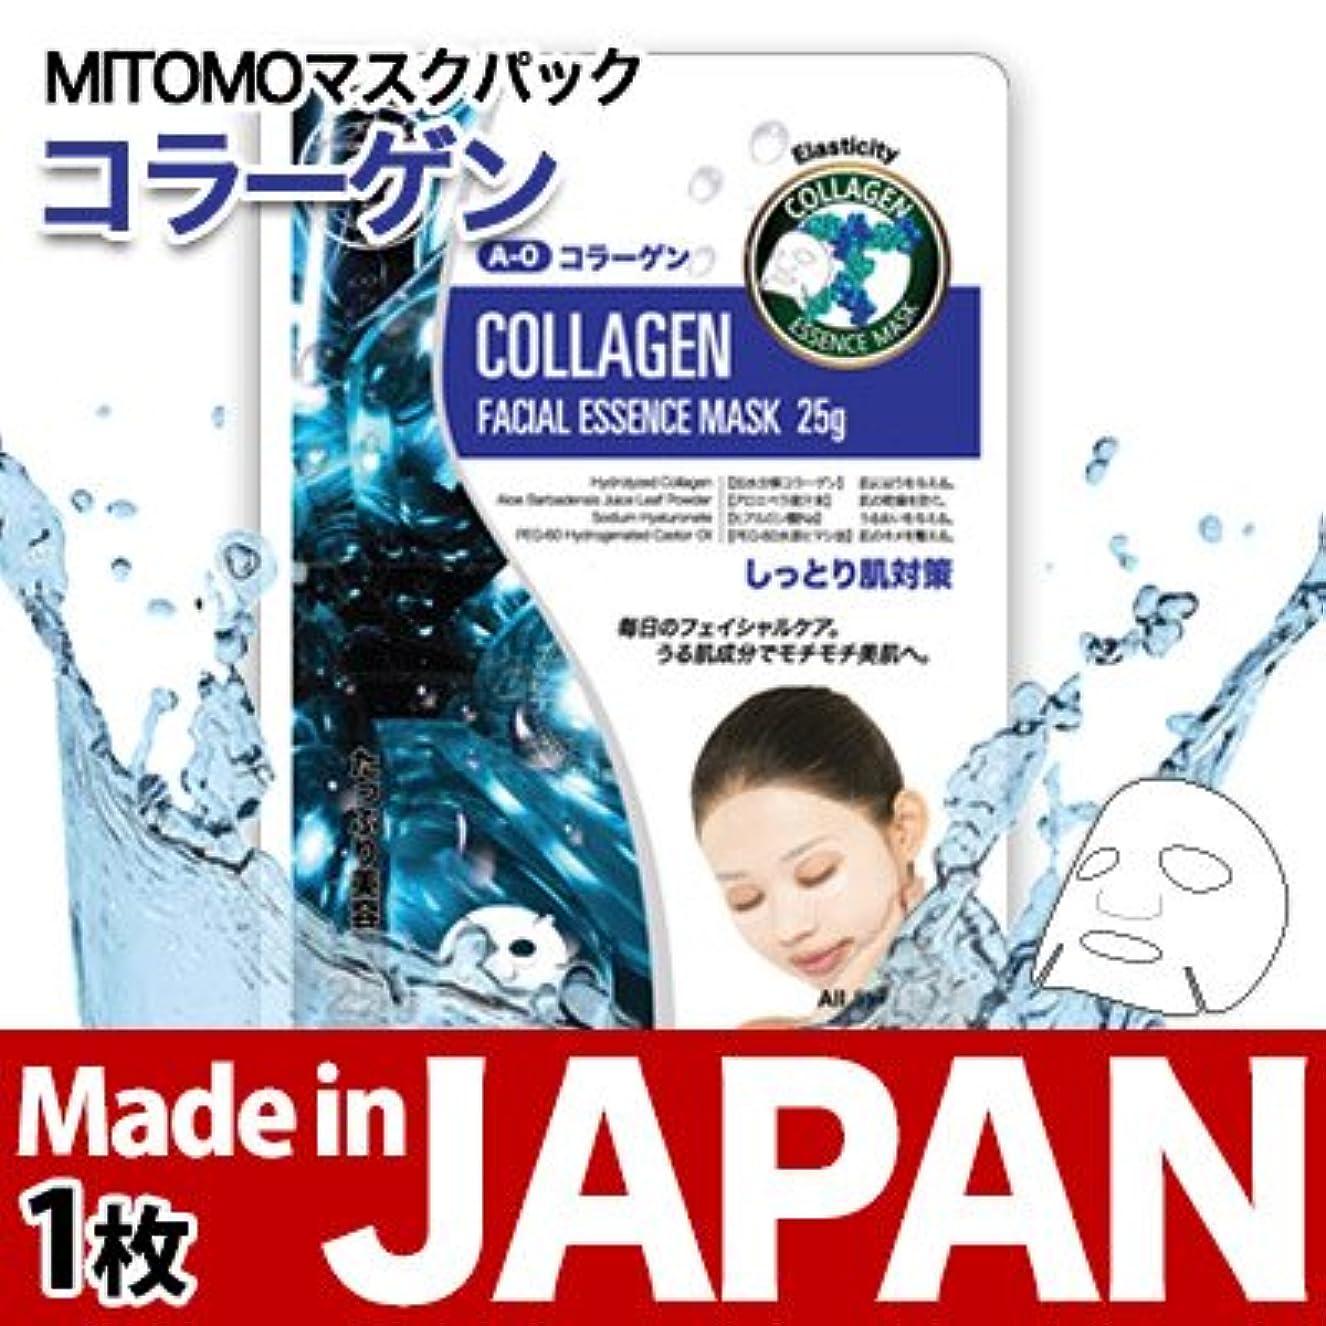 にはまってトーン提案【MT512】ナチュラル保湿シートマスクパック/【コラーゲン1枚】【日本製】/メール便★25gのたっぷりエッセンス 天然シート★シートマスク★コスメMITOMOオリジナル商品